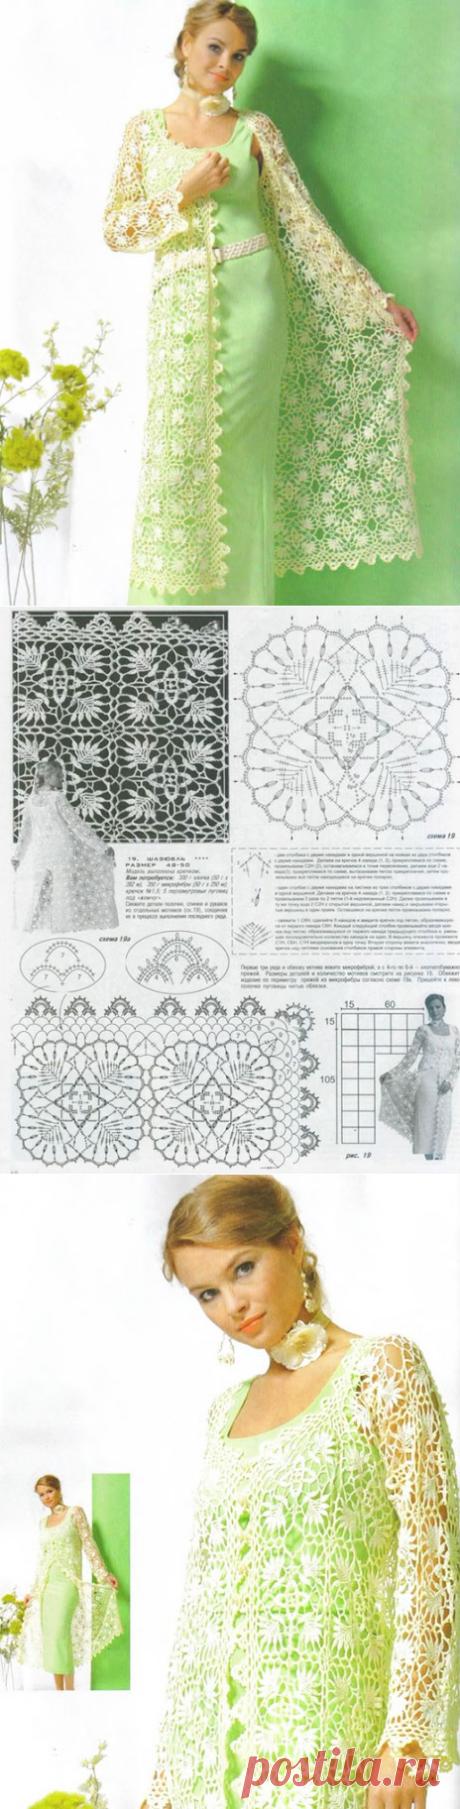 Кружевной шазюбль или кардиган в пол для женщин крючком – схемы вязания с описанием